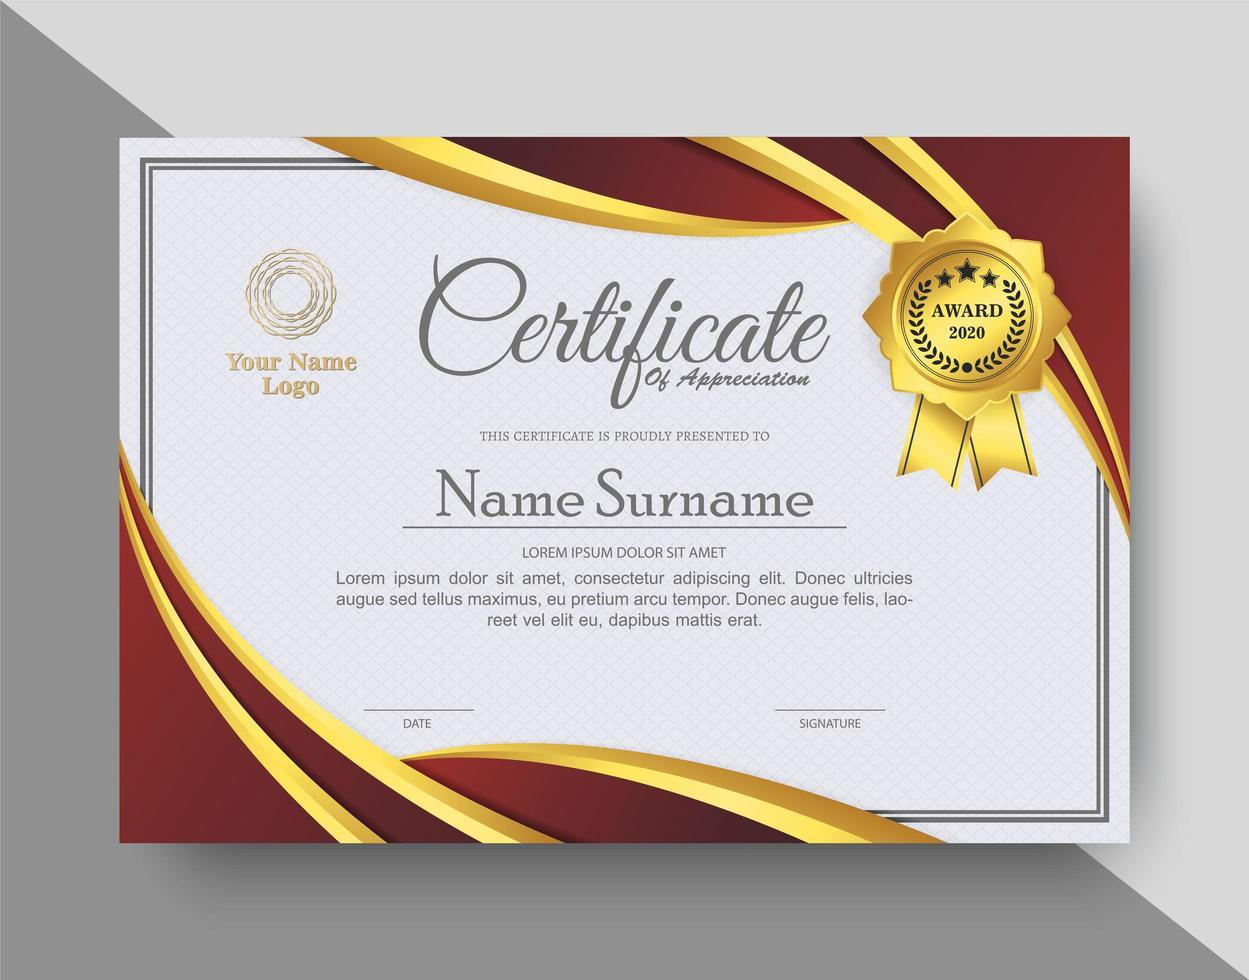 certificaat van creatieve waardering in rood en goud vector